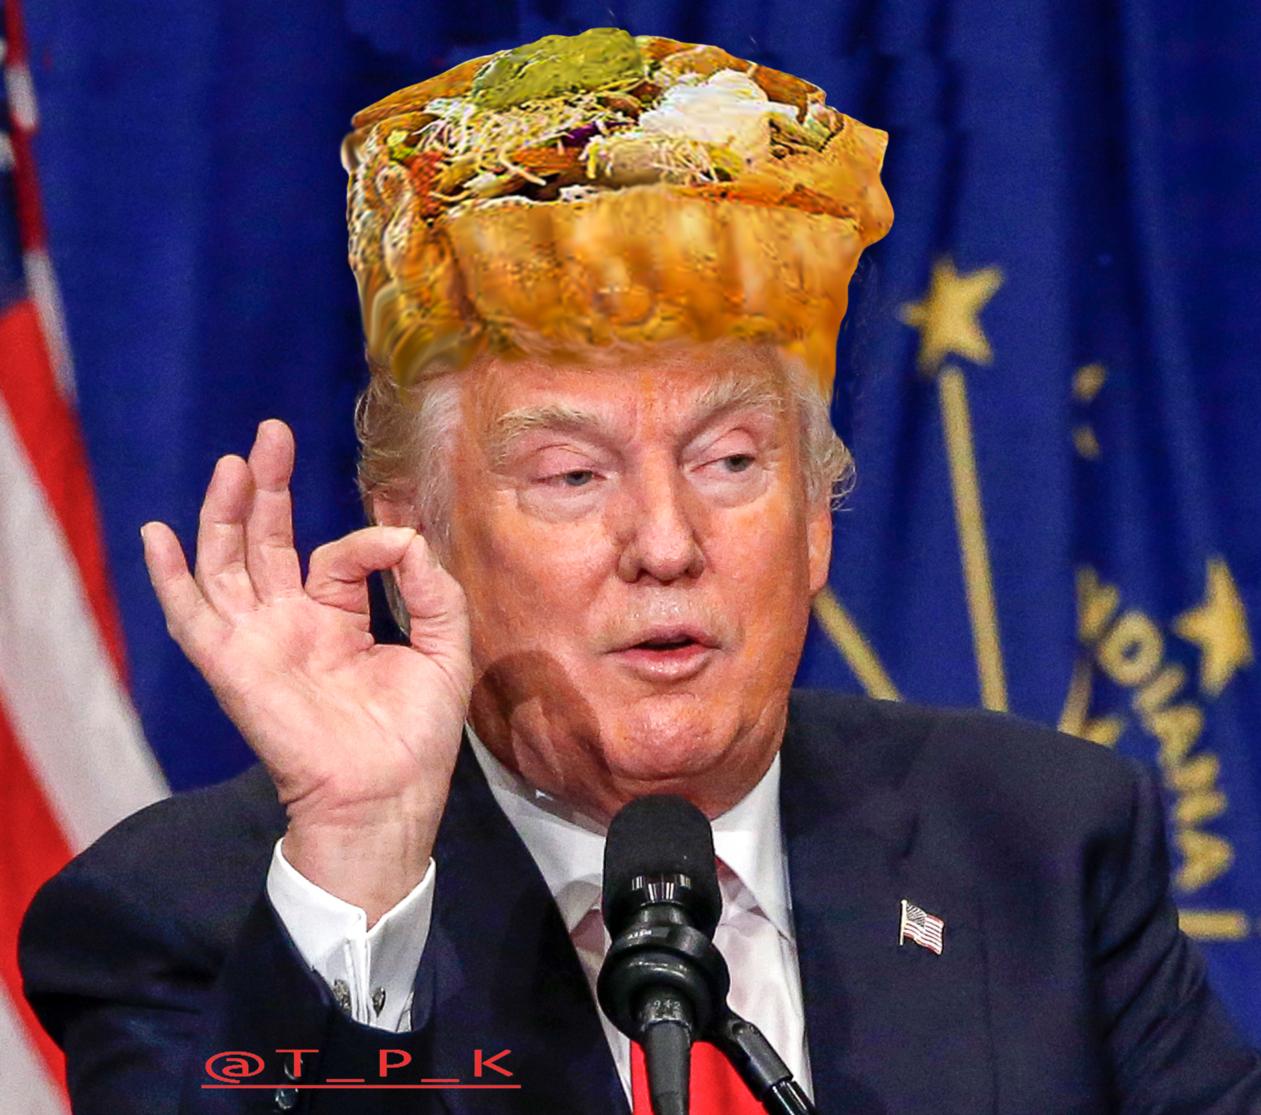 @realTacoHeadTrump